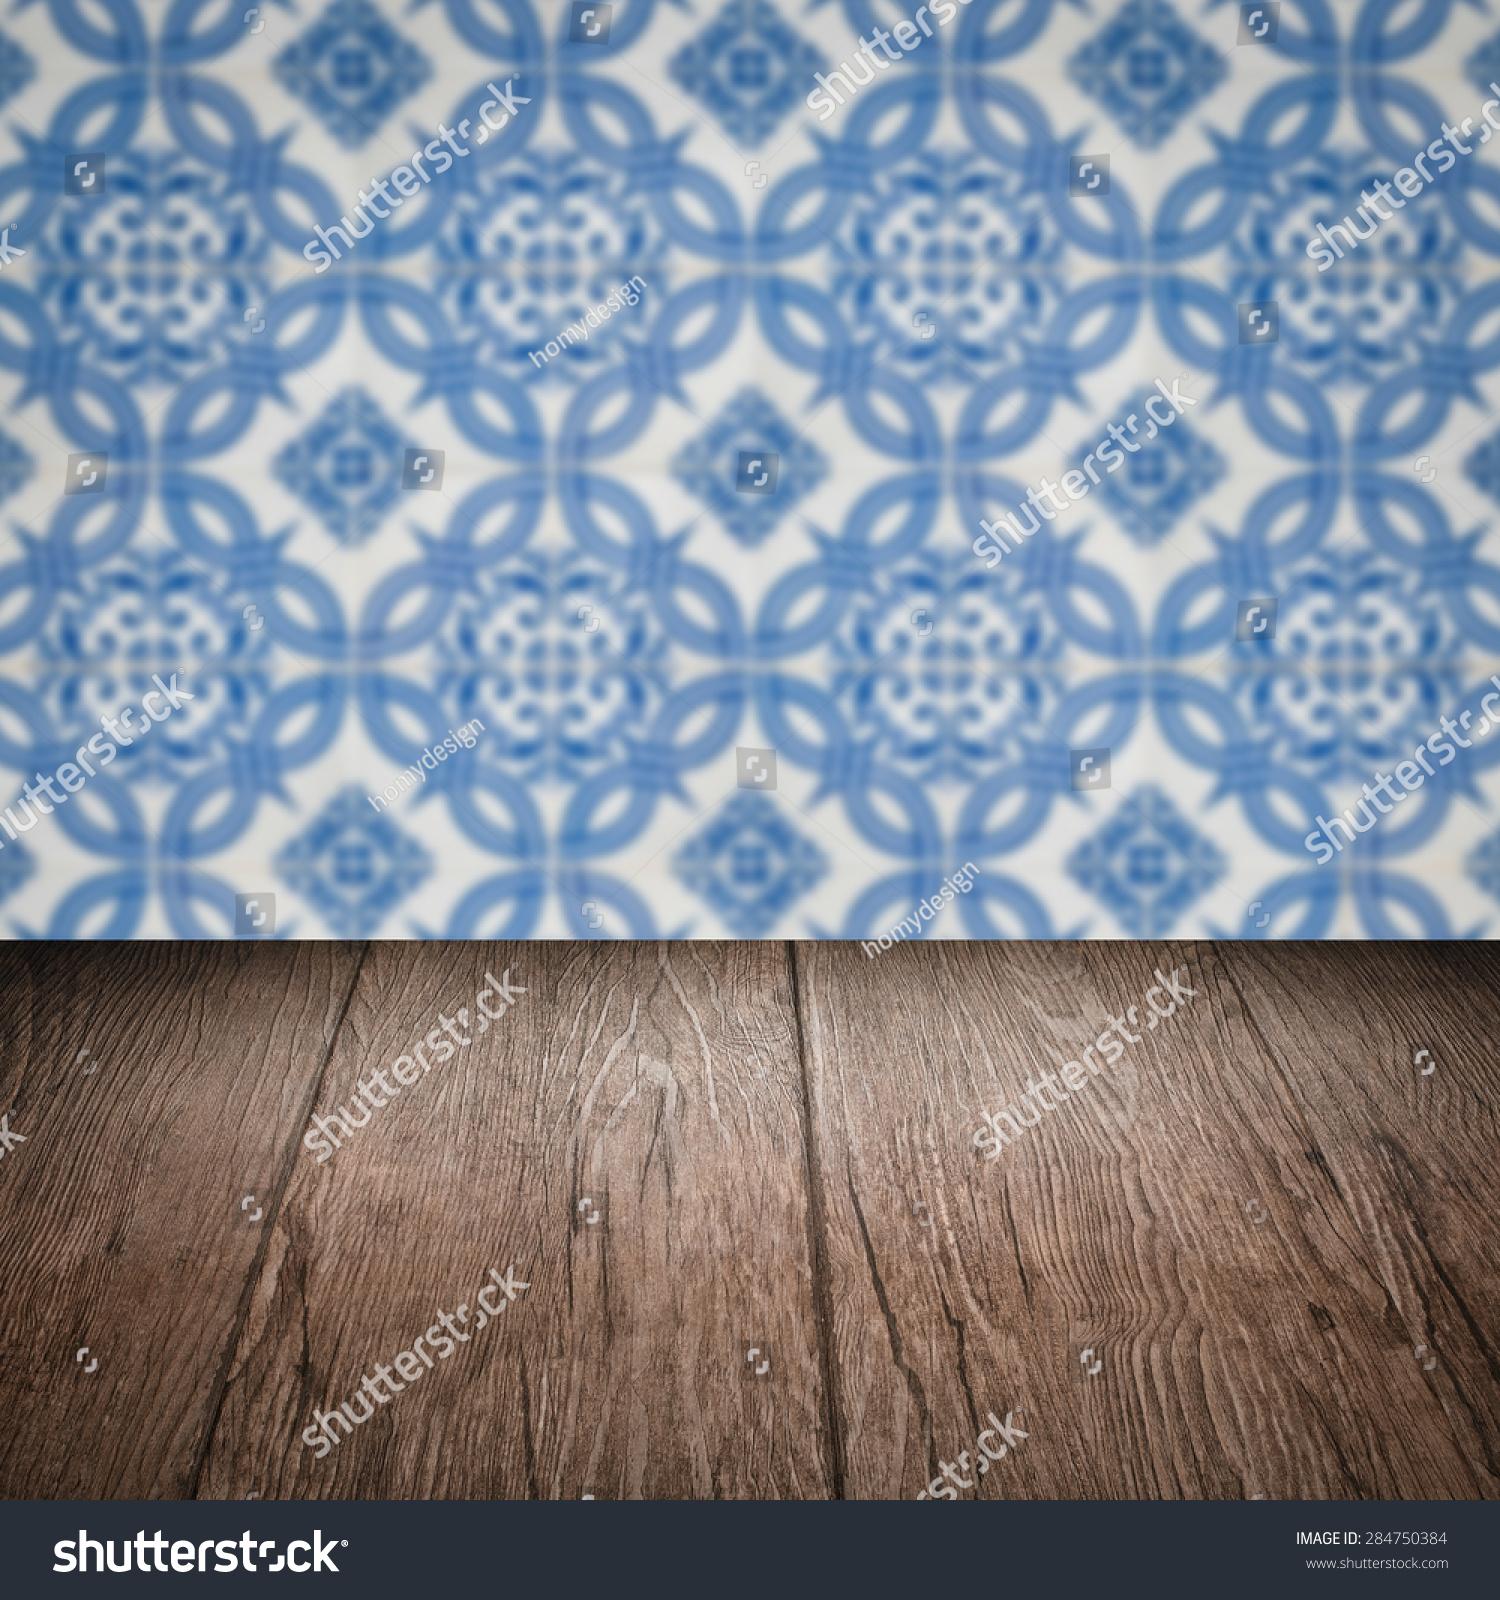 空的木头桌子顶部和模糊的瓷砖模式在背景墙